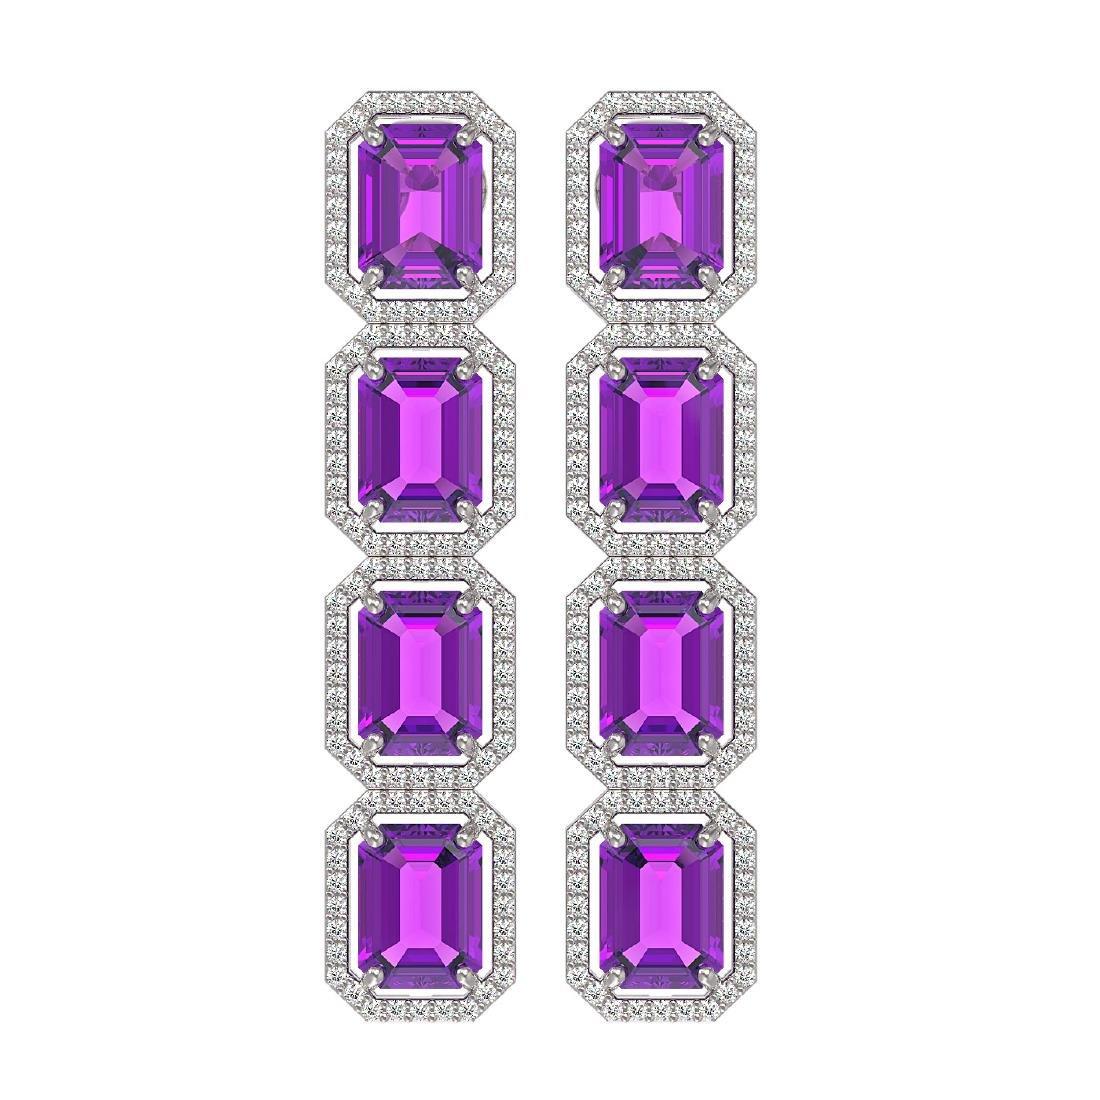 18.59 CTW Amethyst & Diamond Halo Earrings 10K White